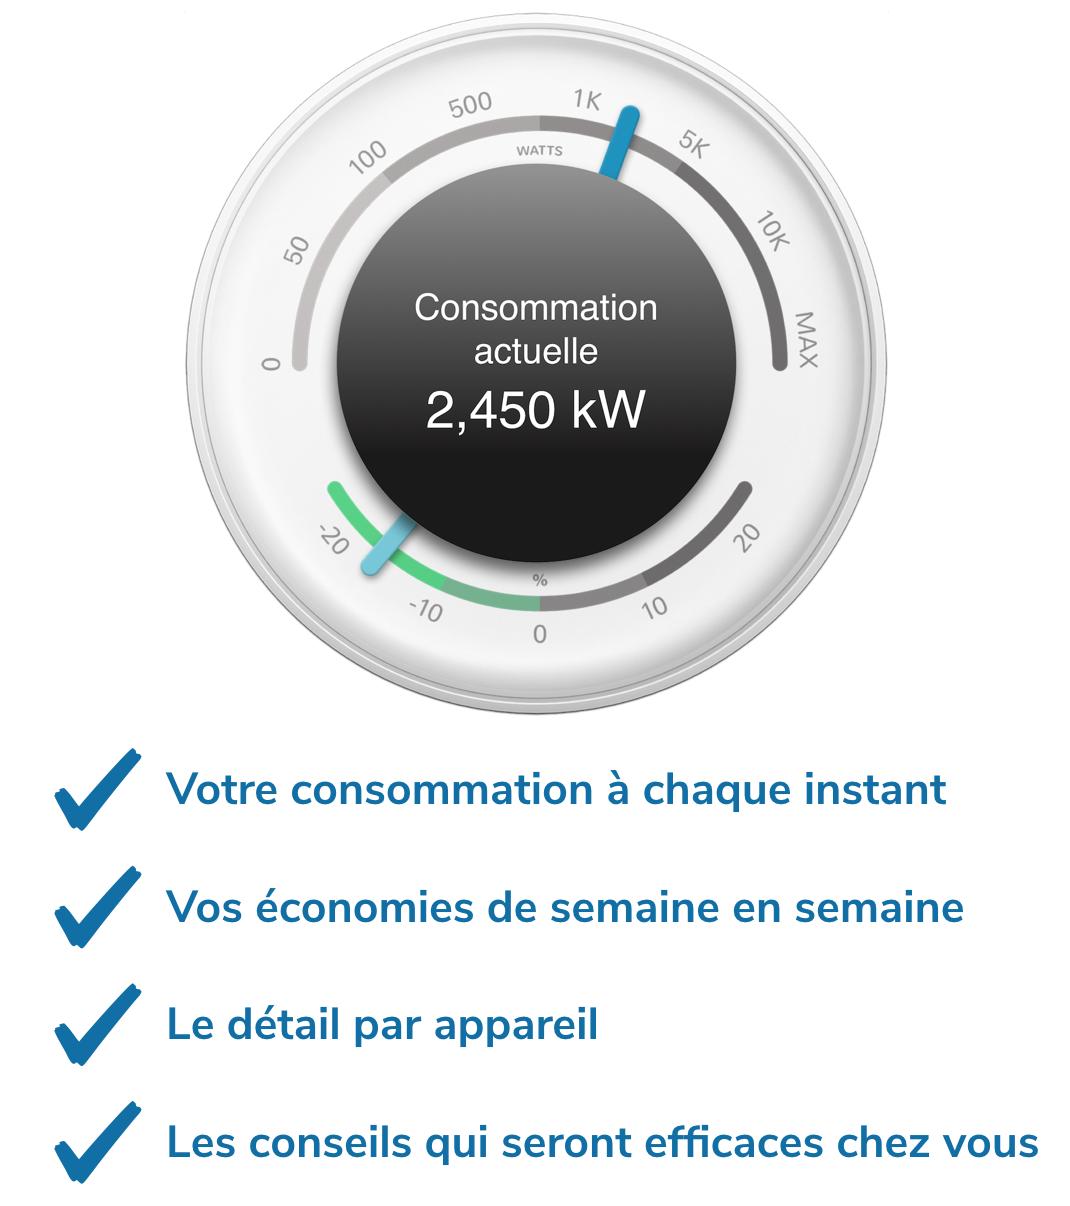 ecojoko l'assistant d'economie d'energie : 25% d'économie à réaliser.